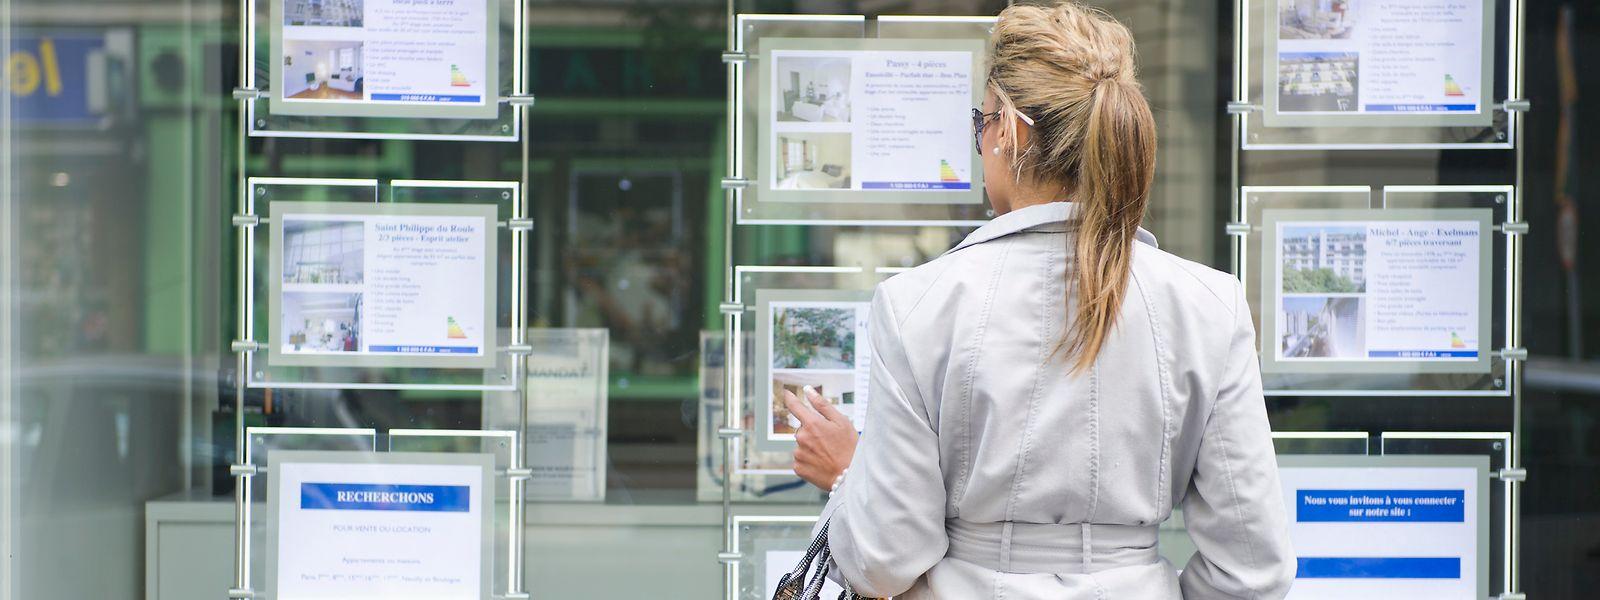 Eine explosionsartige Entwicklung: Der Preis pro Quadratmeter nimmt in Luxemburg stetig zu.